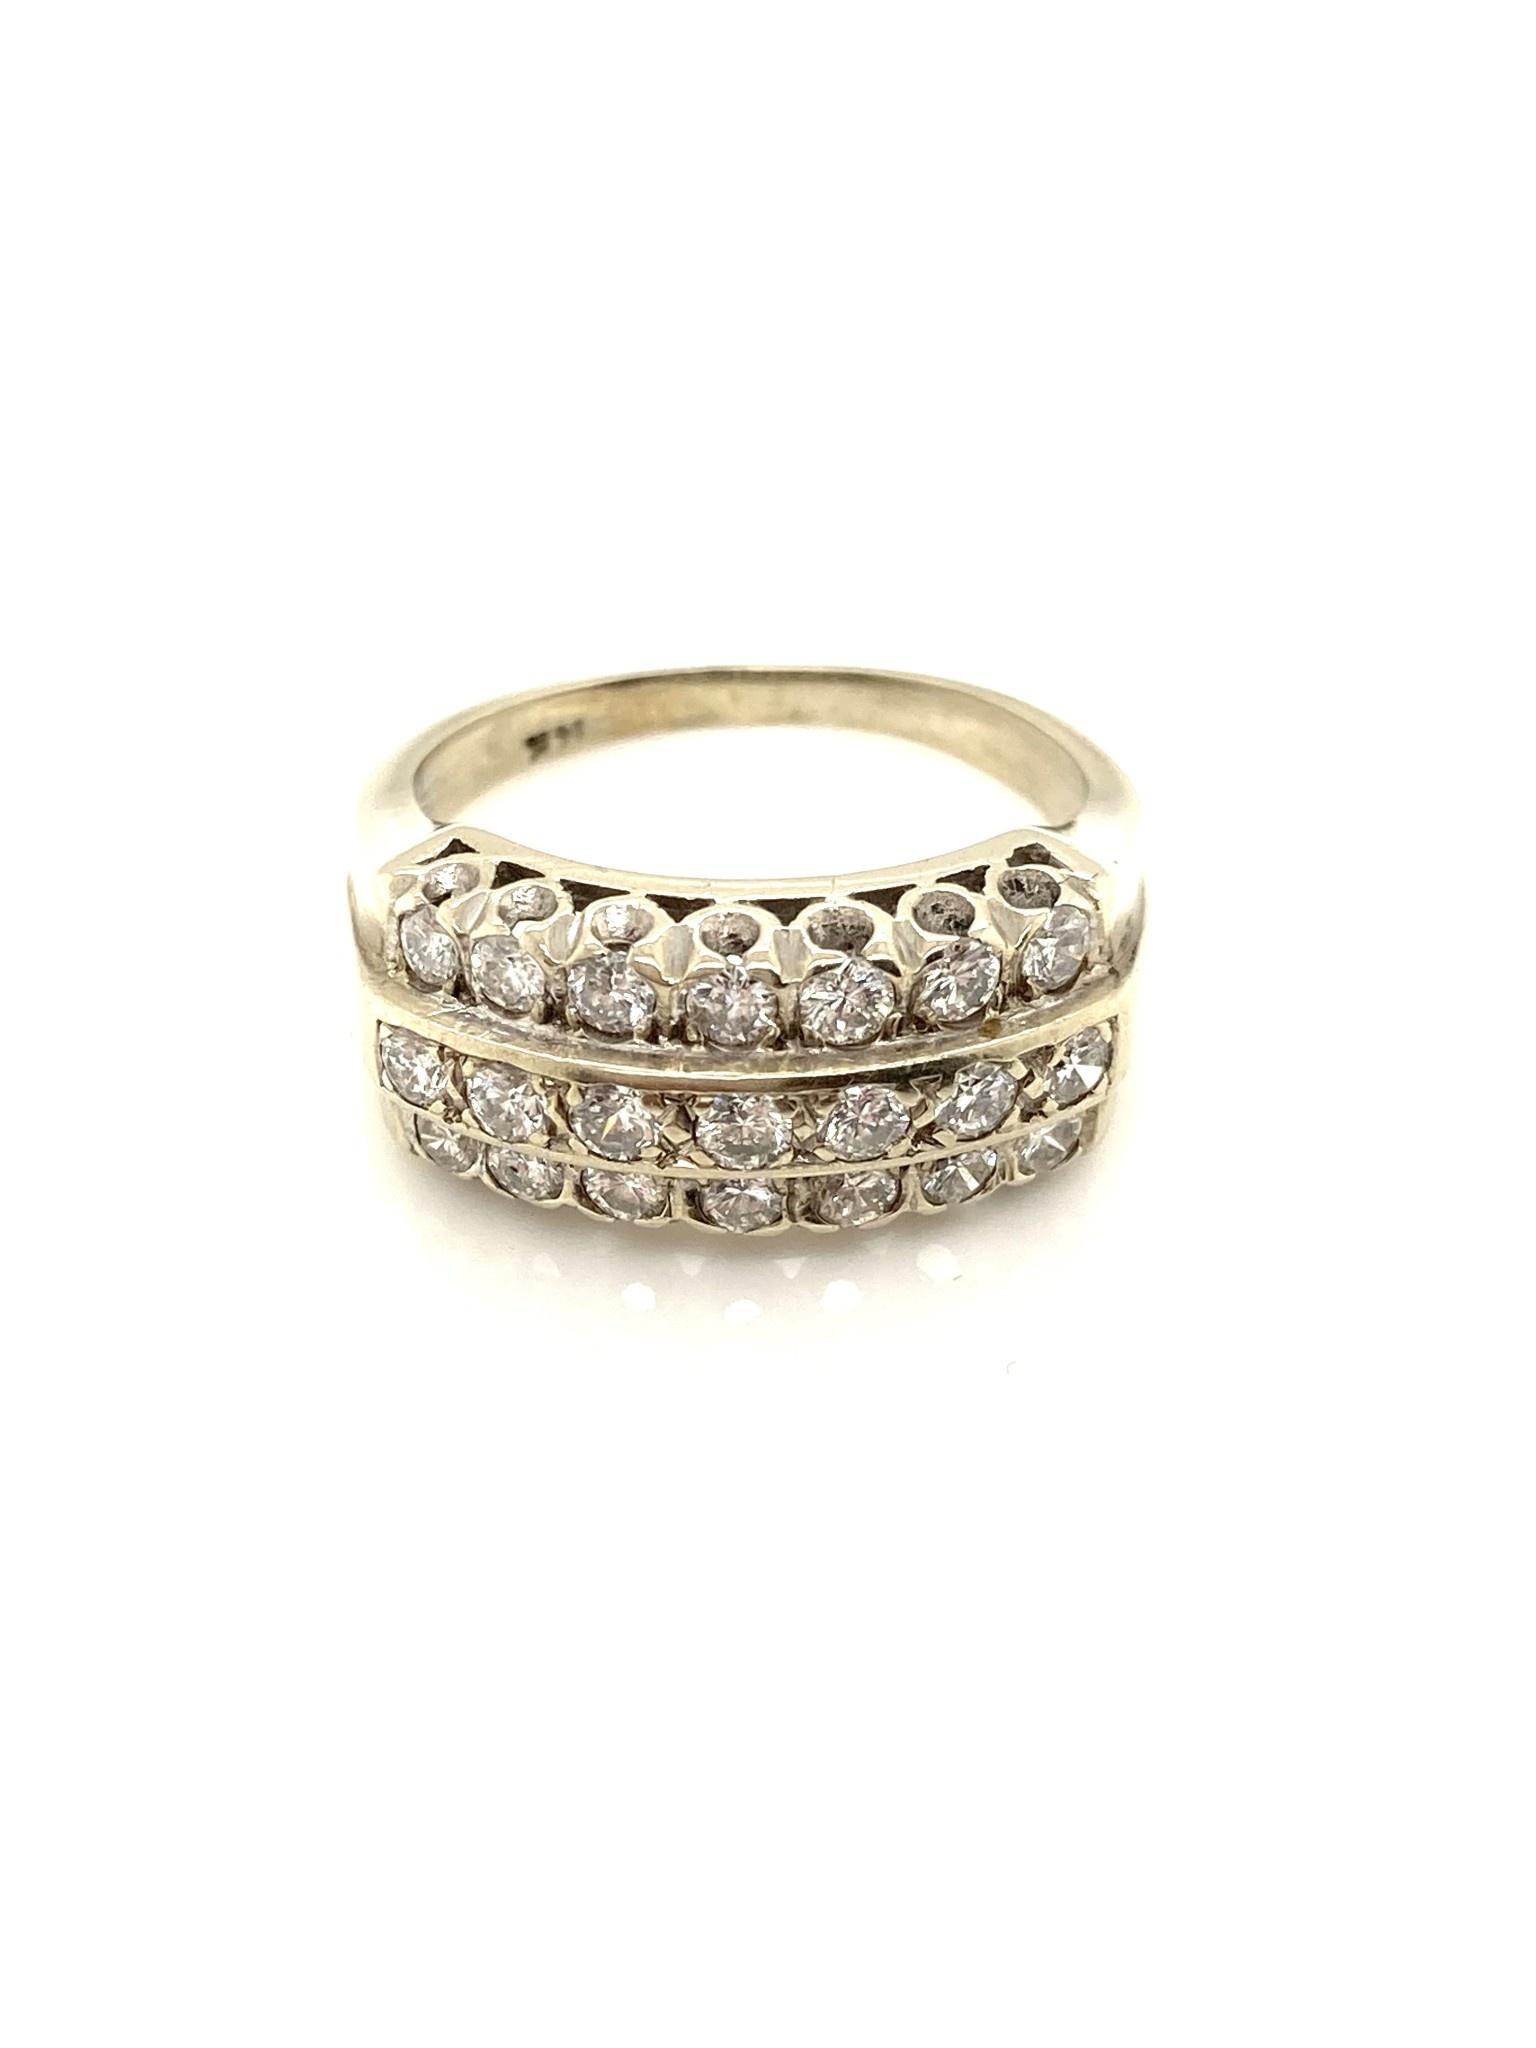 14K White Gold 3 Row Diamond Ring